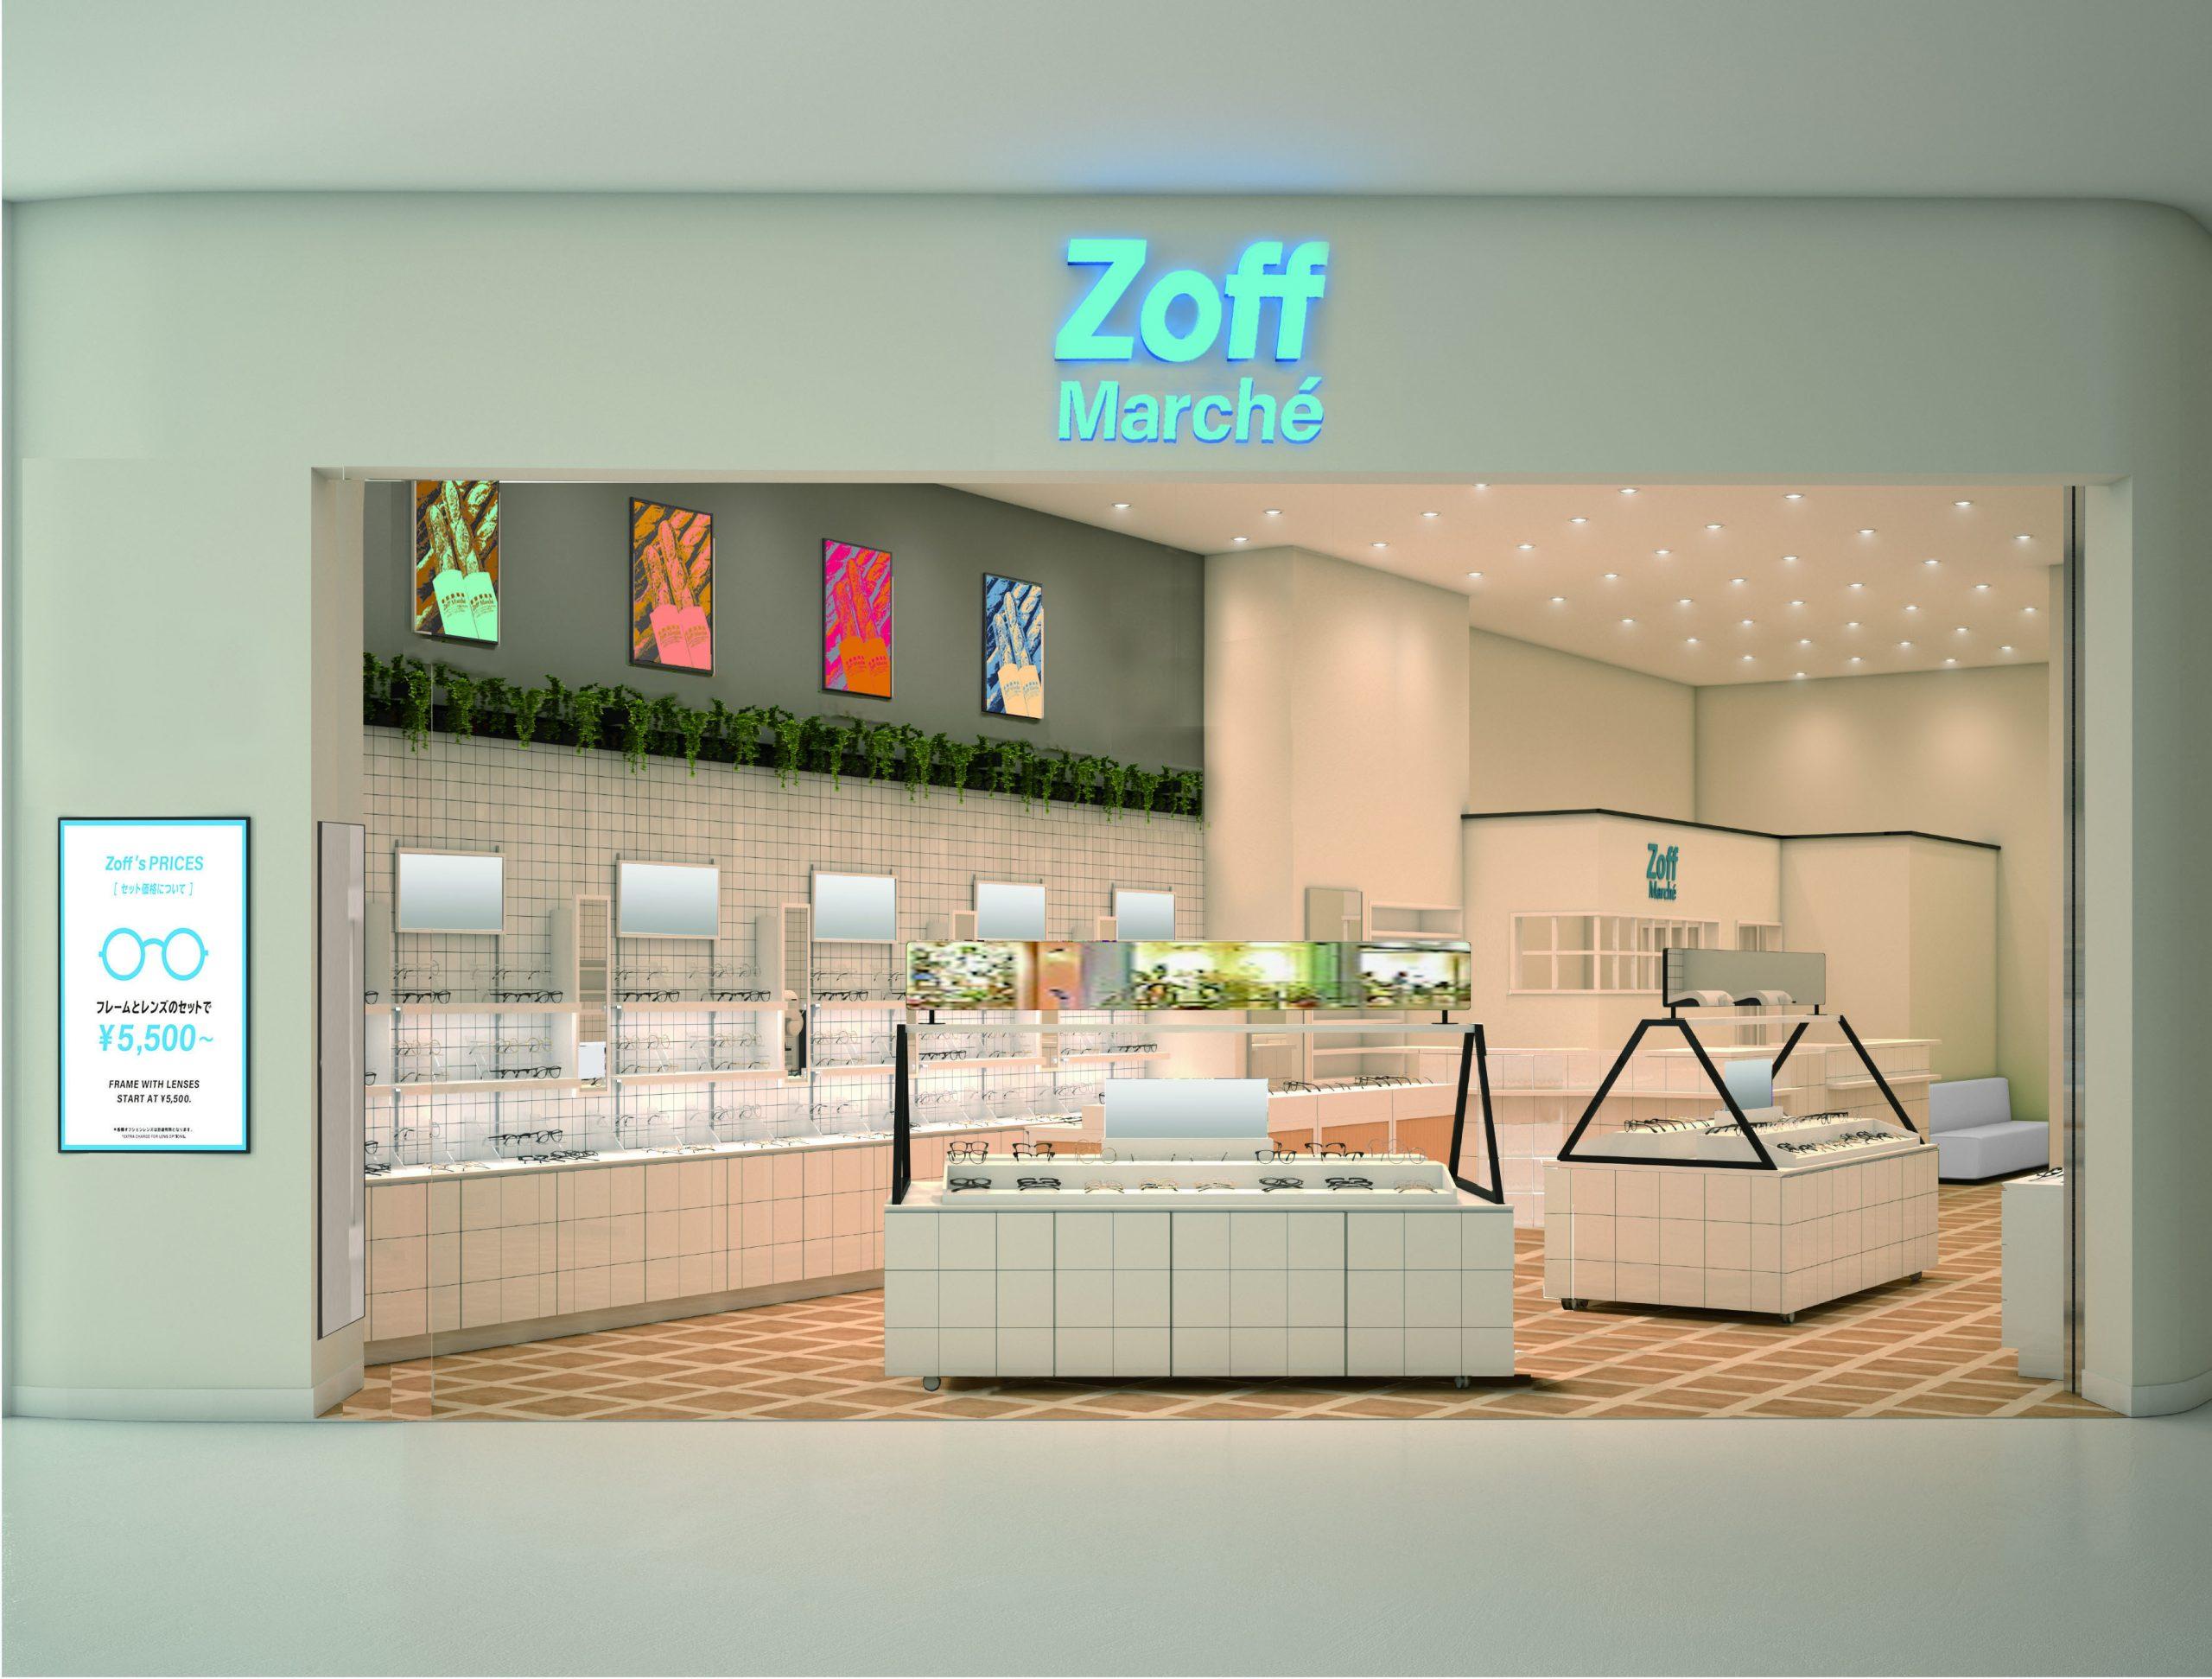 滋賀県初のファミリー向け店舗「Zoff Marché イオンモール草津店」を2021年3月5日(金)オープン